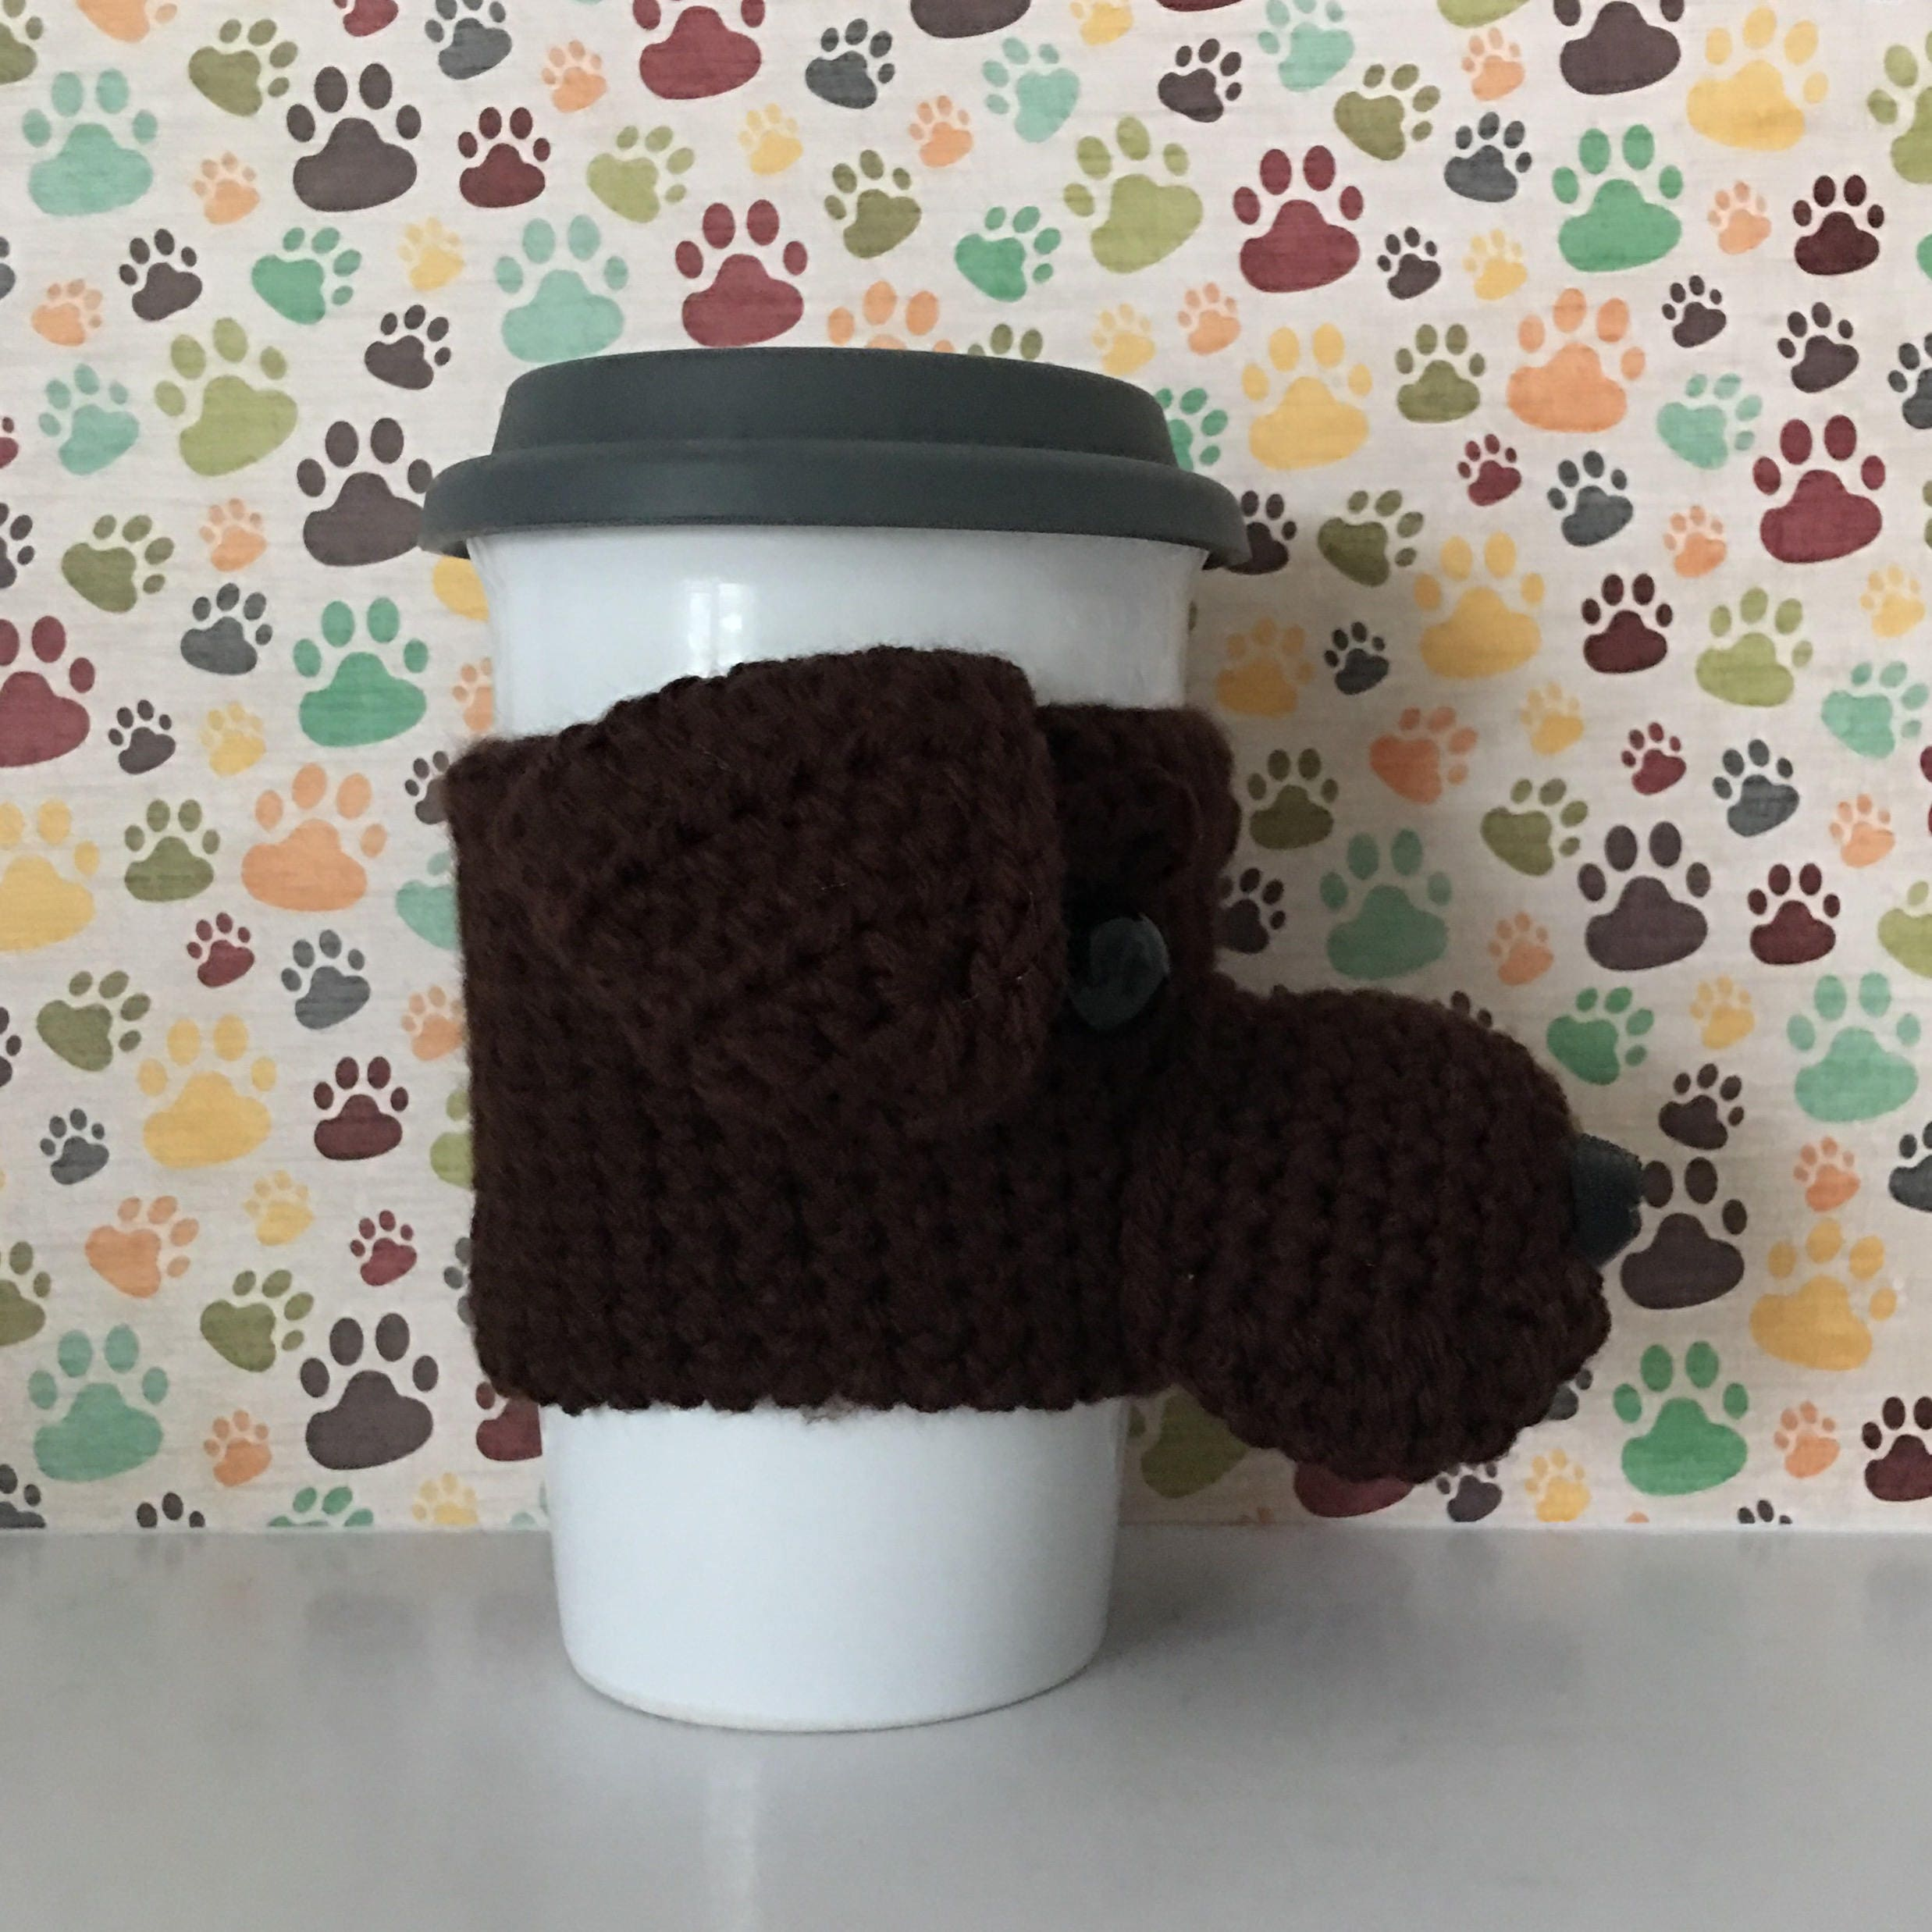 Amigurumi Beginner Kit : Amigurumi Kit - Crochet Pattern Dog - Crochet Kit ...